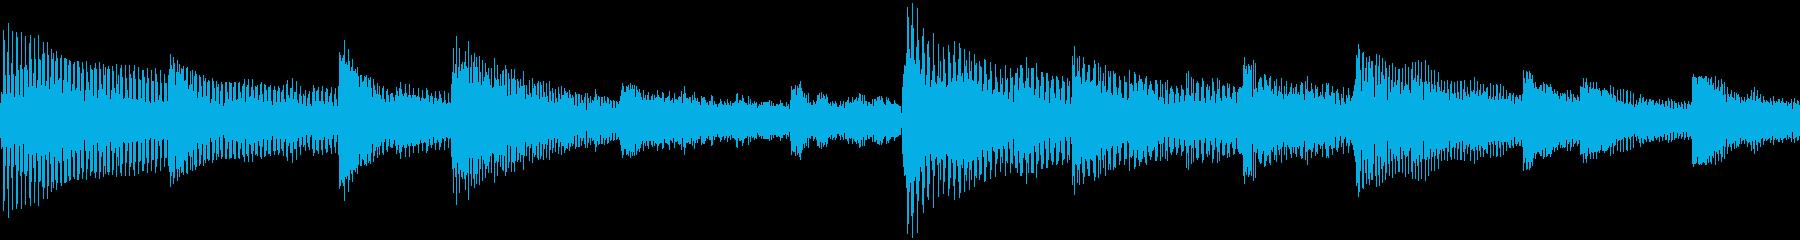 ピアノ、ストリングス、ギター、シン...の再生済みの波形